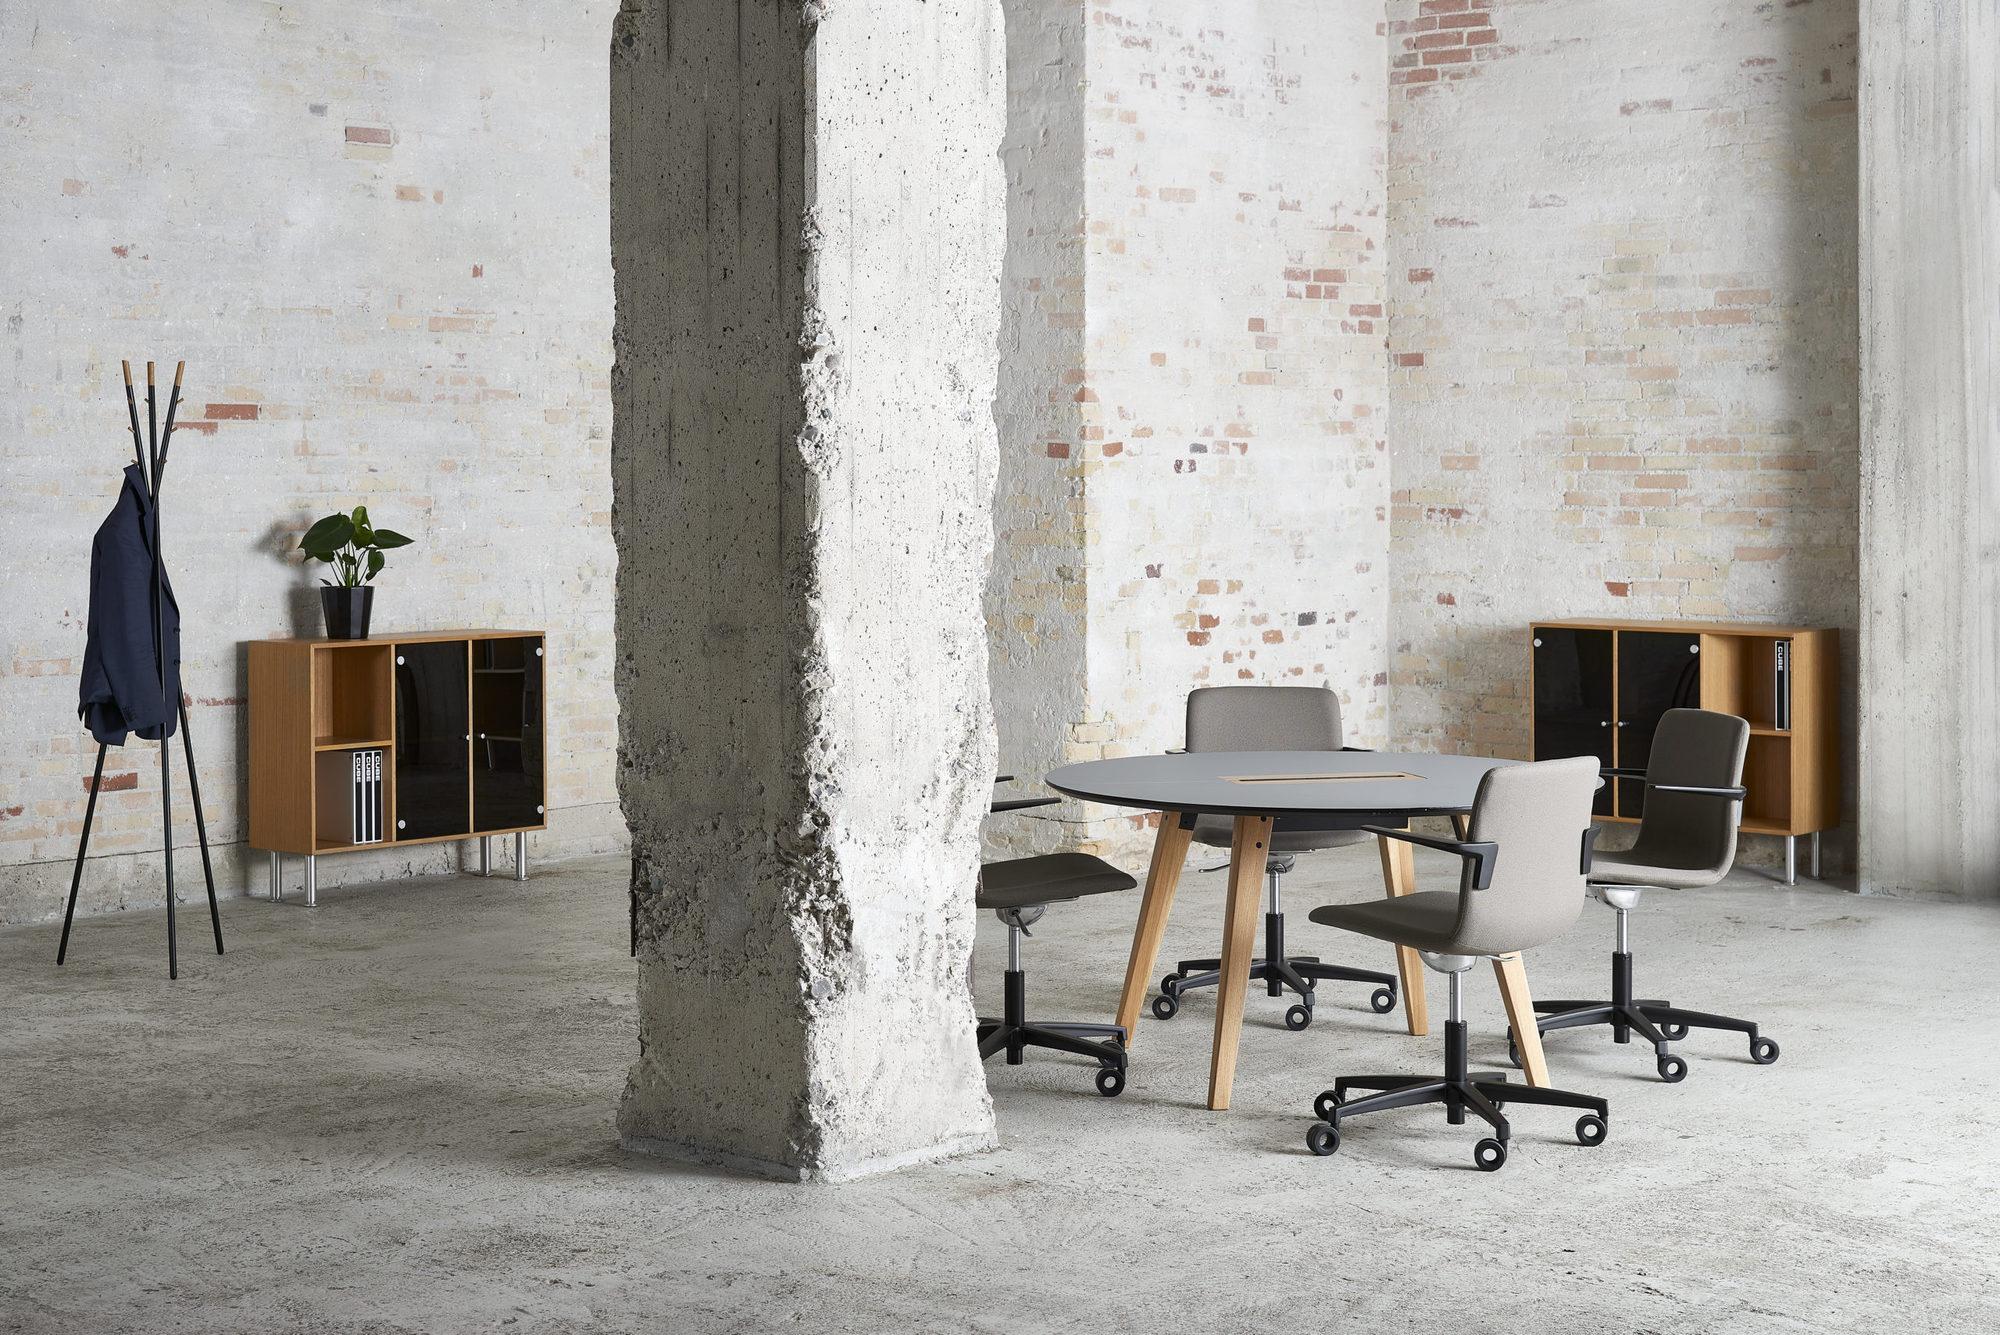 Cube Design - kontormøbler - rundt Spider bord - træben - massive egetræsben - S20 konferencestol med lav ryg - reoler i egefinér - stumtjener